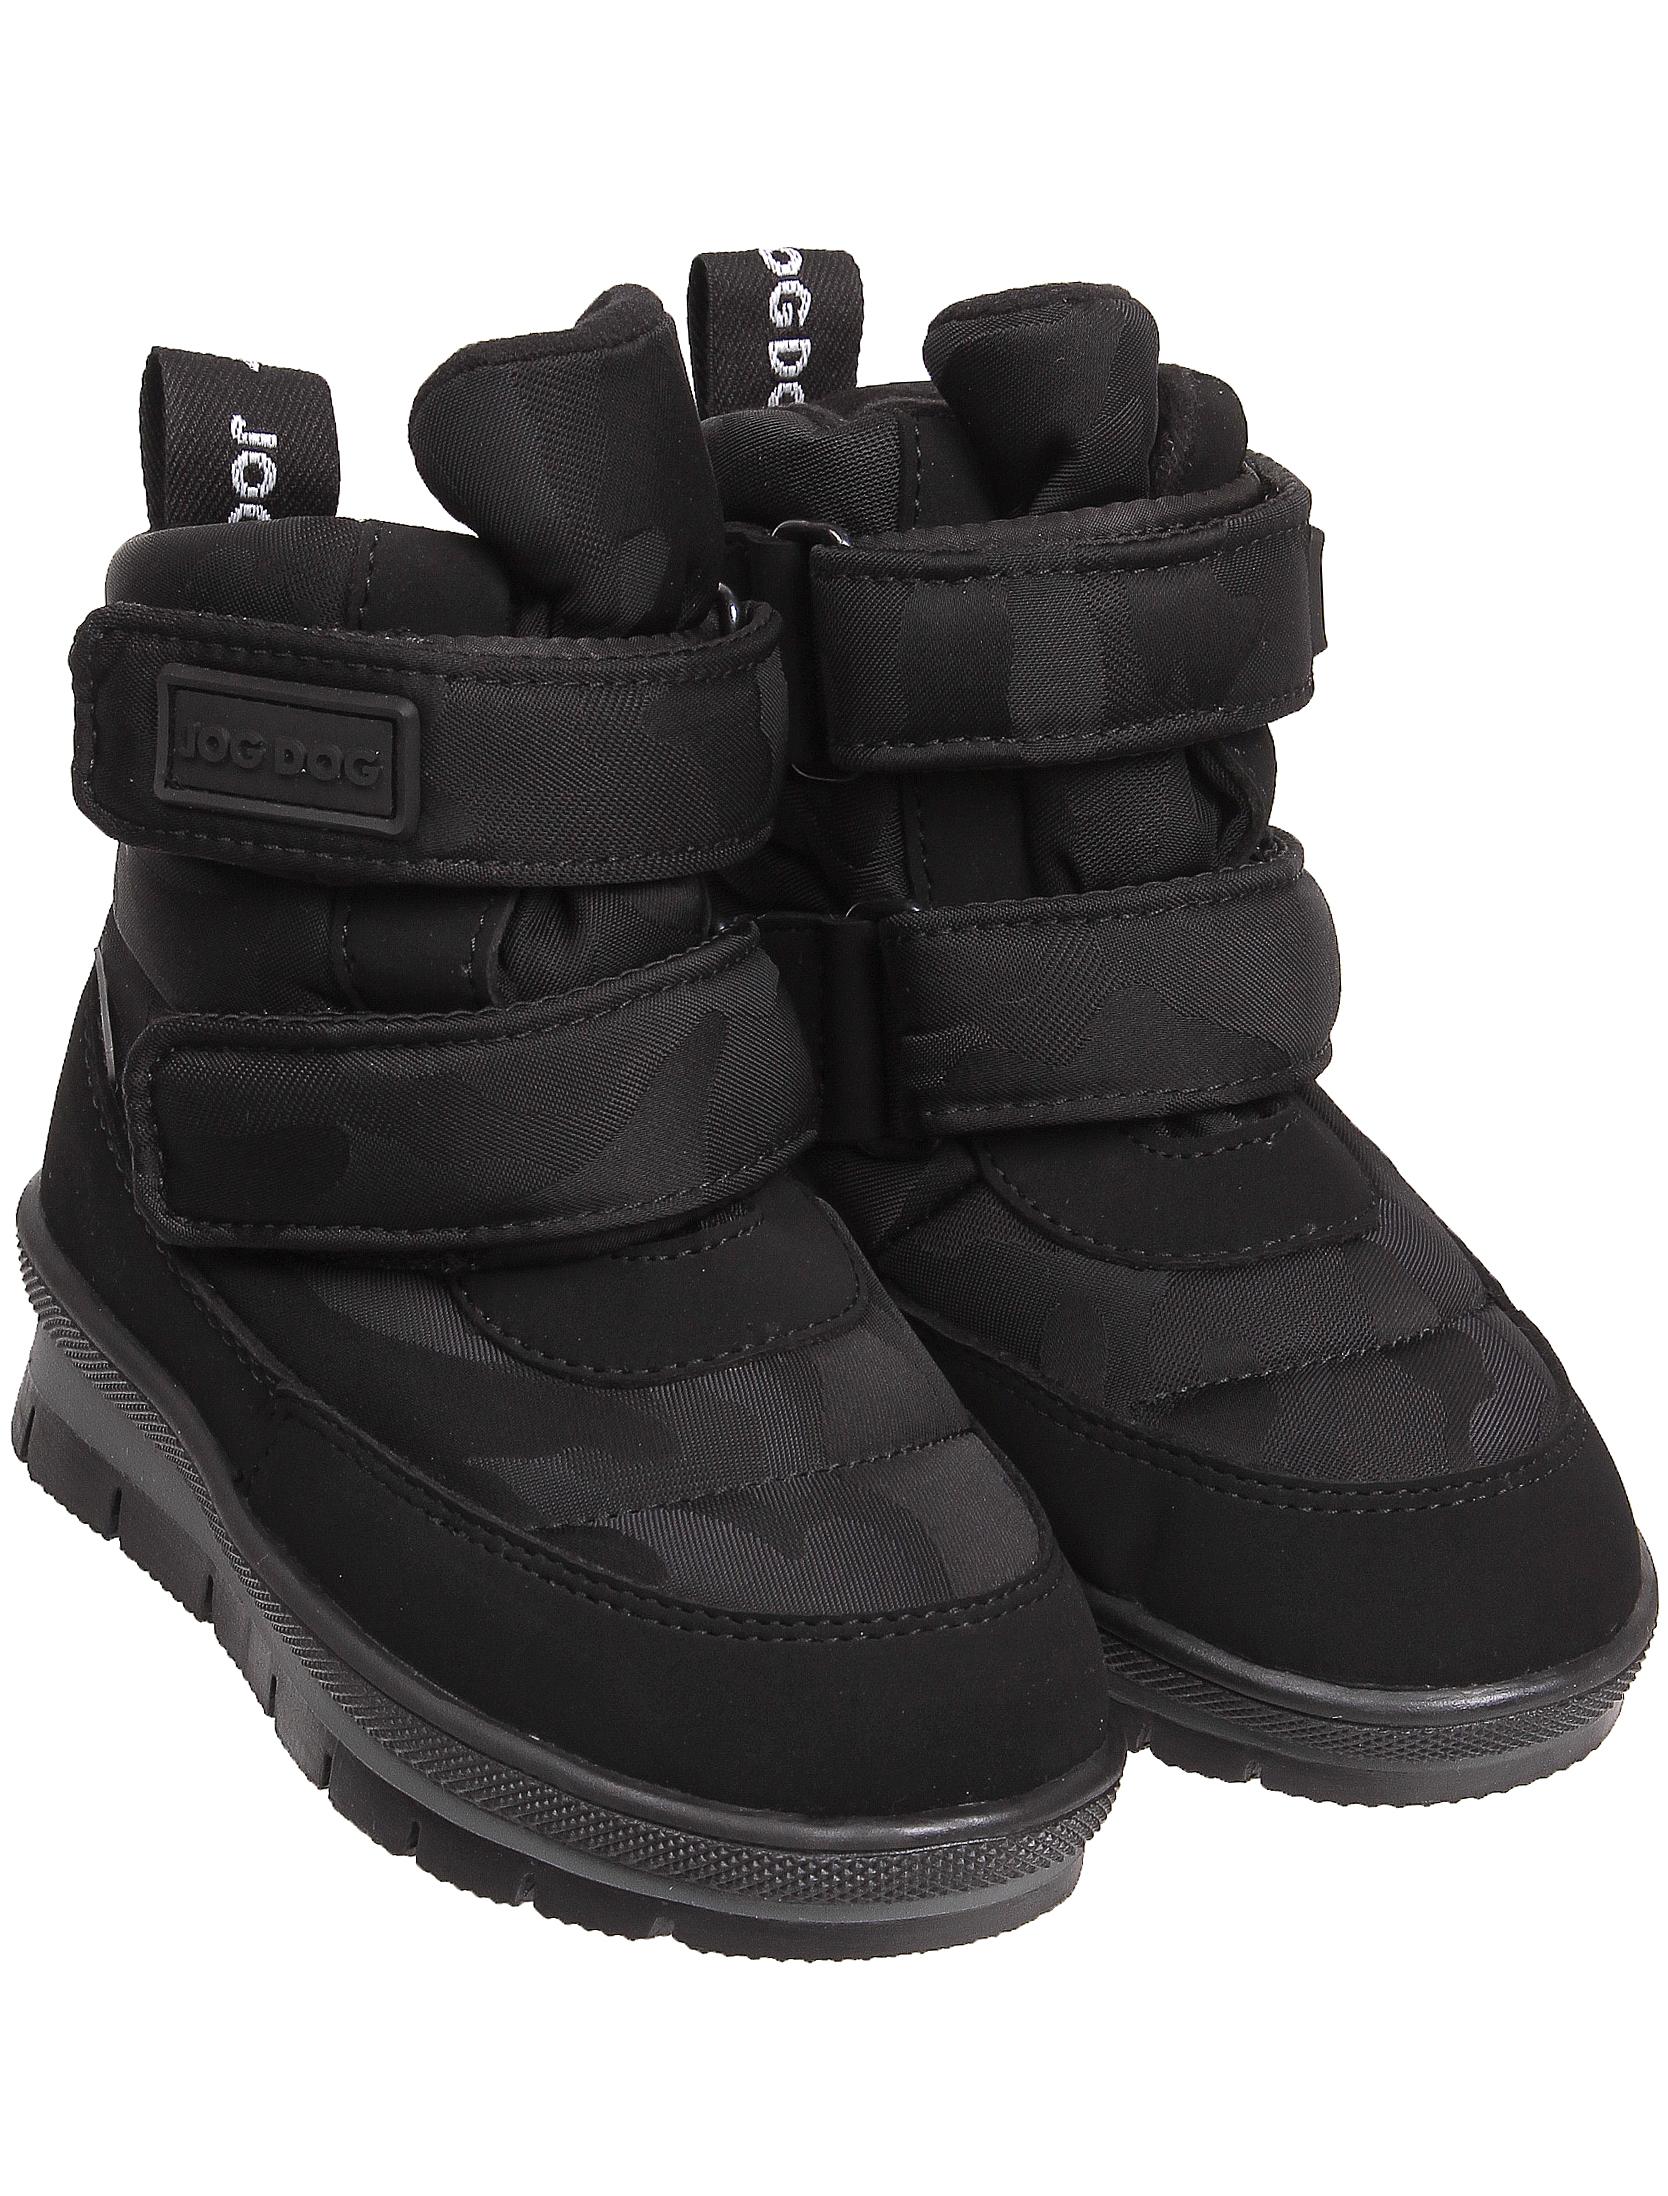 Ботинки Jog Dog 2143268 фото